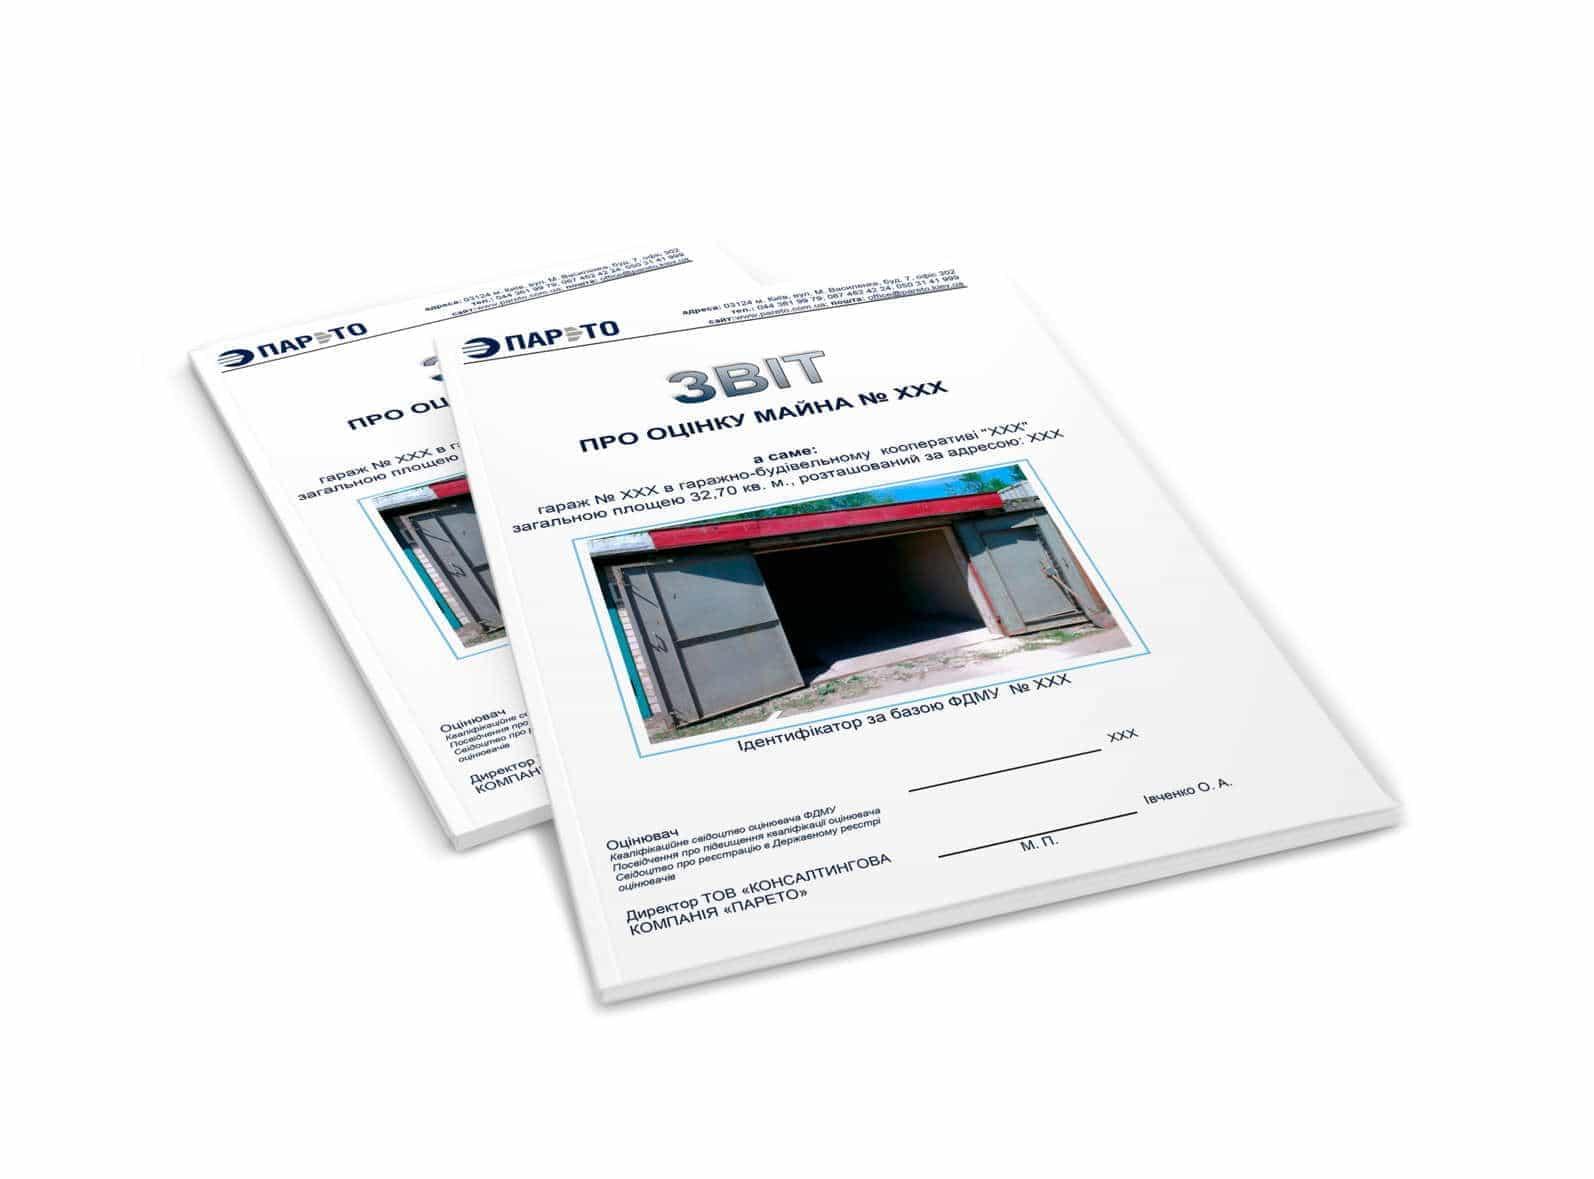 Приклад звіту про оцінку гаража, ЕКСПЕРТНА ОЦІНКА ГАРАЖІВ ТА ПАРКІНГІВ